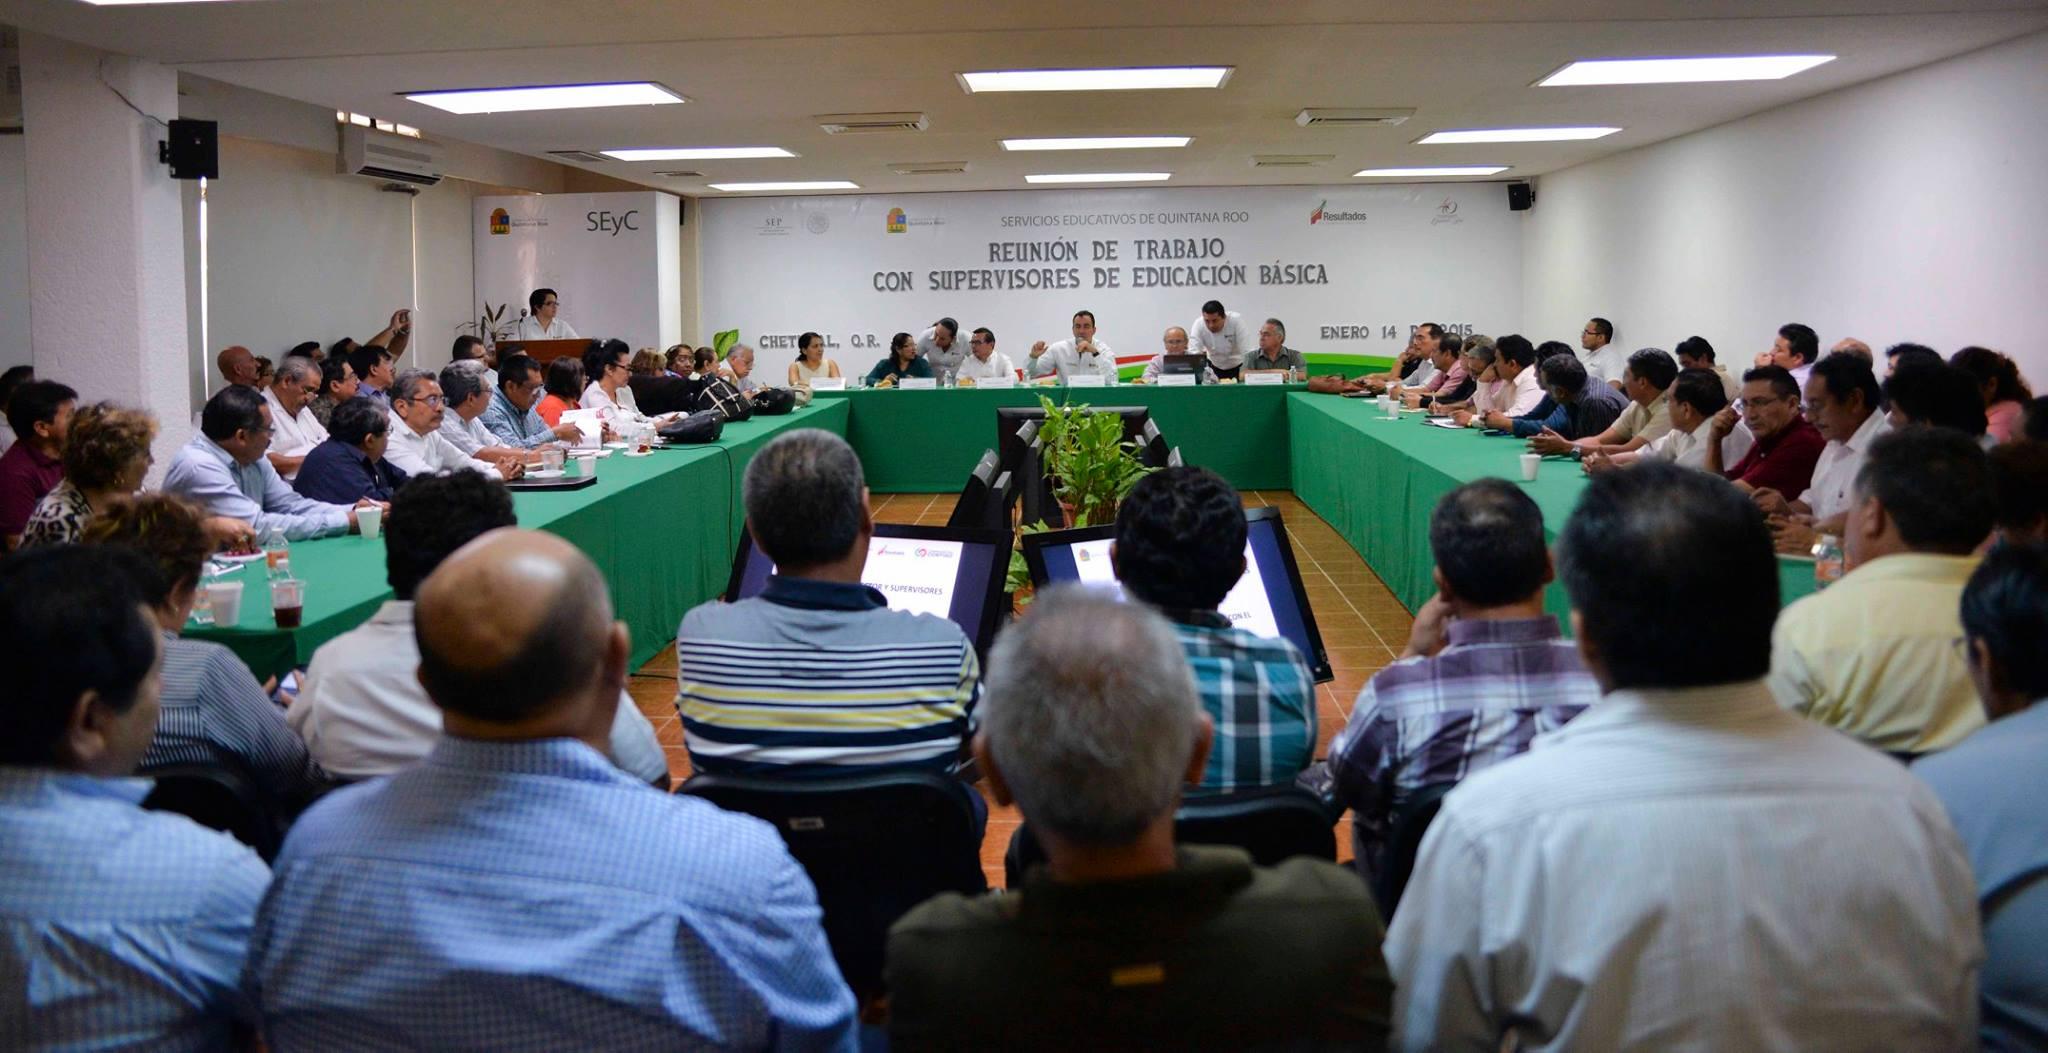 CAMBIAN HORARIO EN ESCUELAS: Por nuevo huso horario, recorren media hora la entrada en primarias públicas y privadas de QR, salvo Cozumel